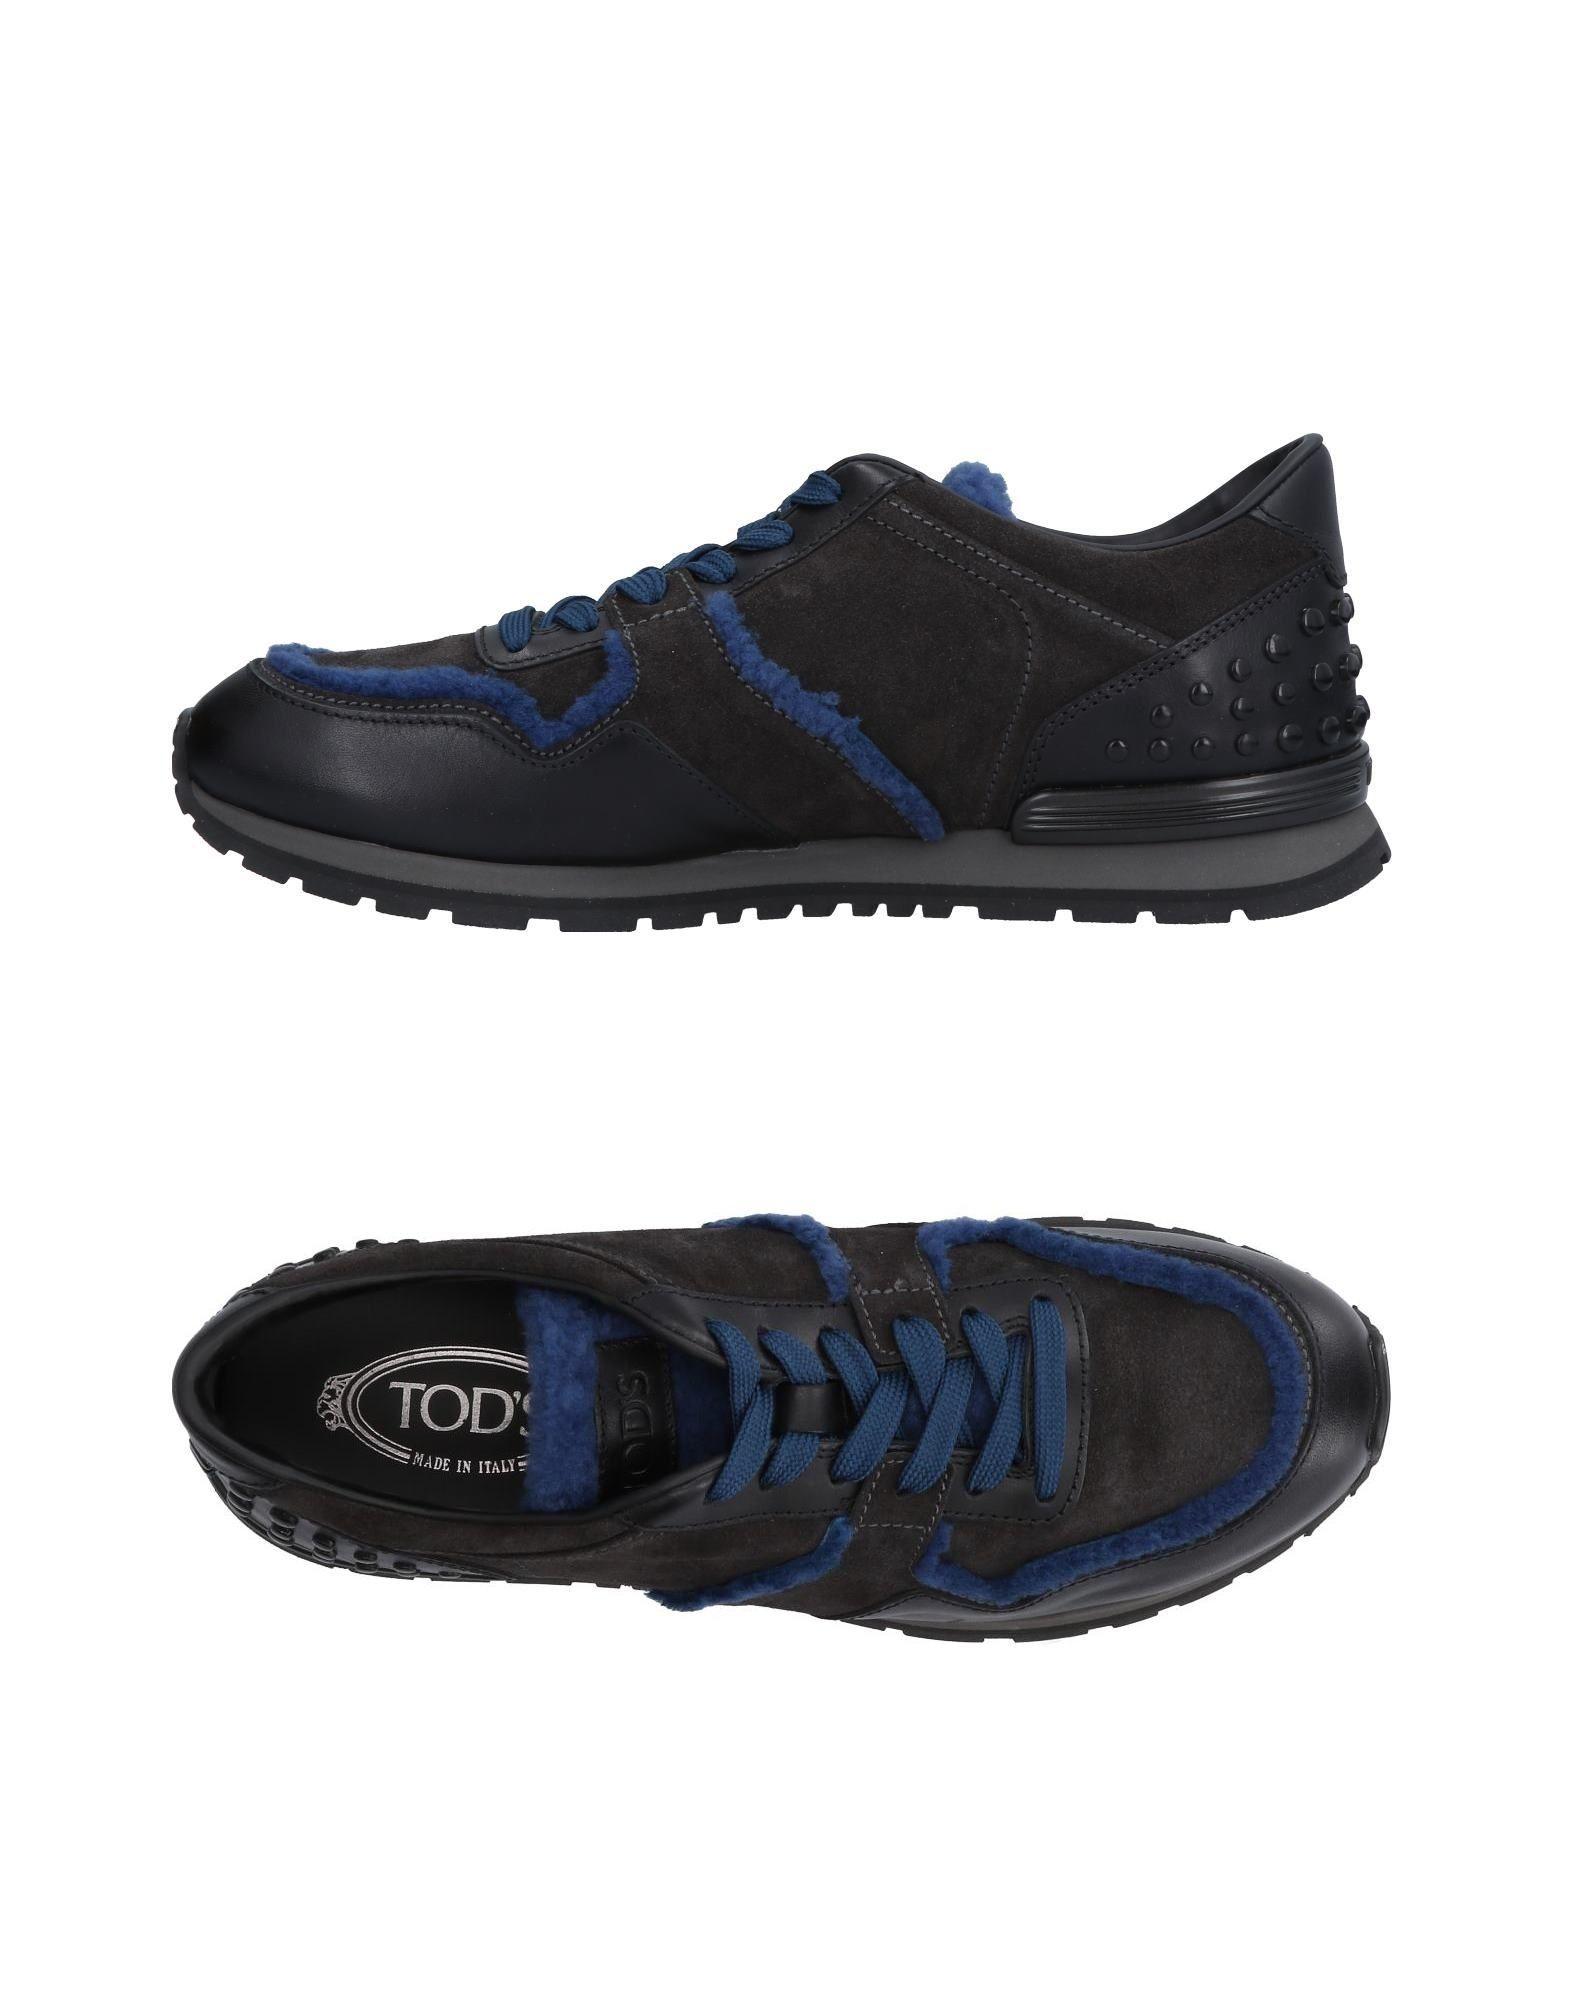 Tod's Sneakers Herren  11484631CN Gute Qualität beliebte Schuhe